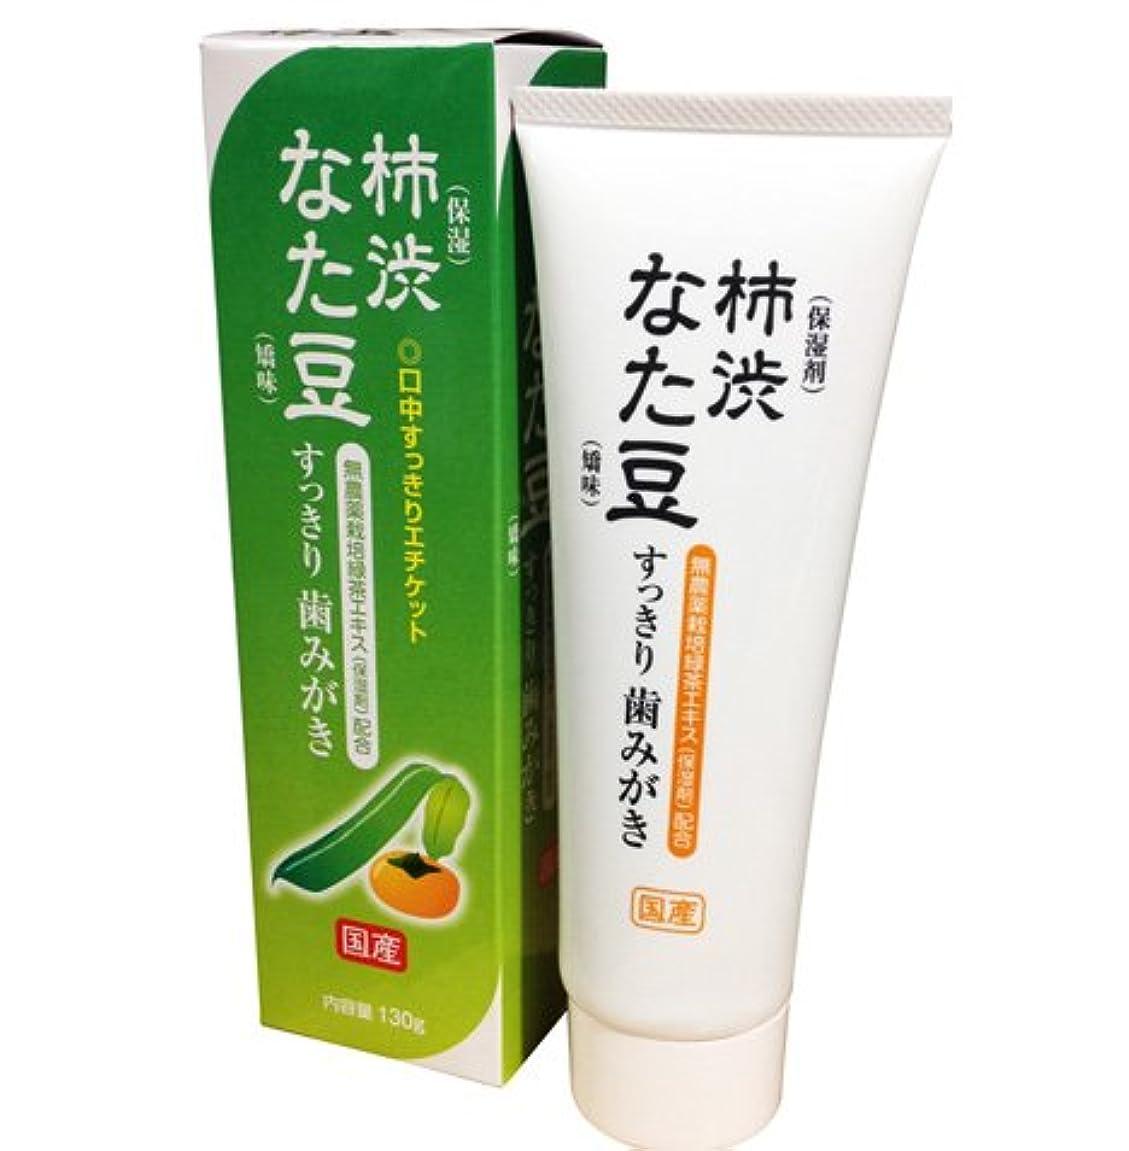 エンディングペダル力学なた豆柿渋歯磨き 130g